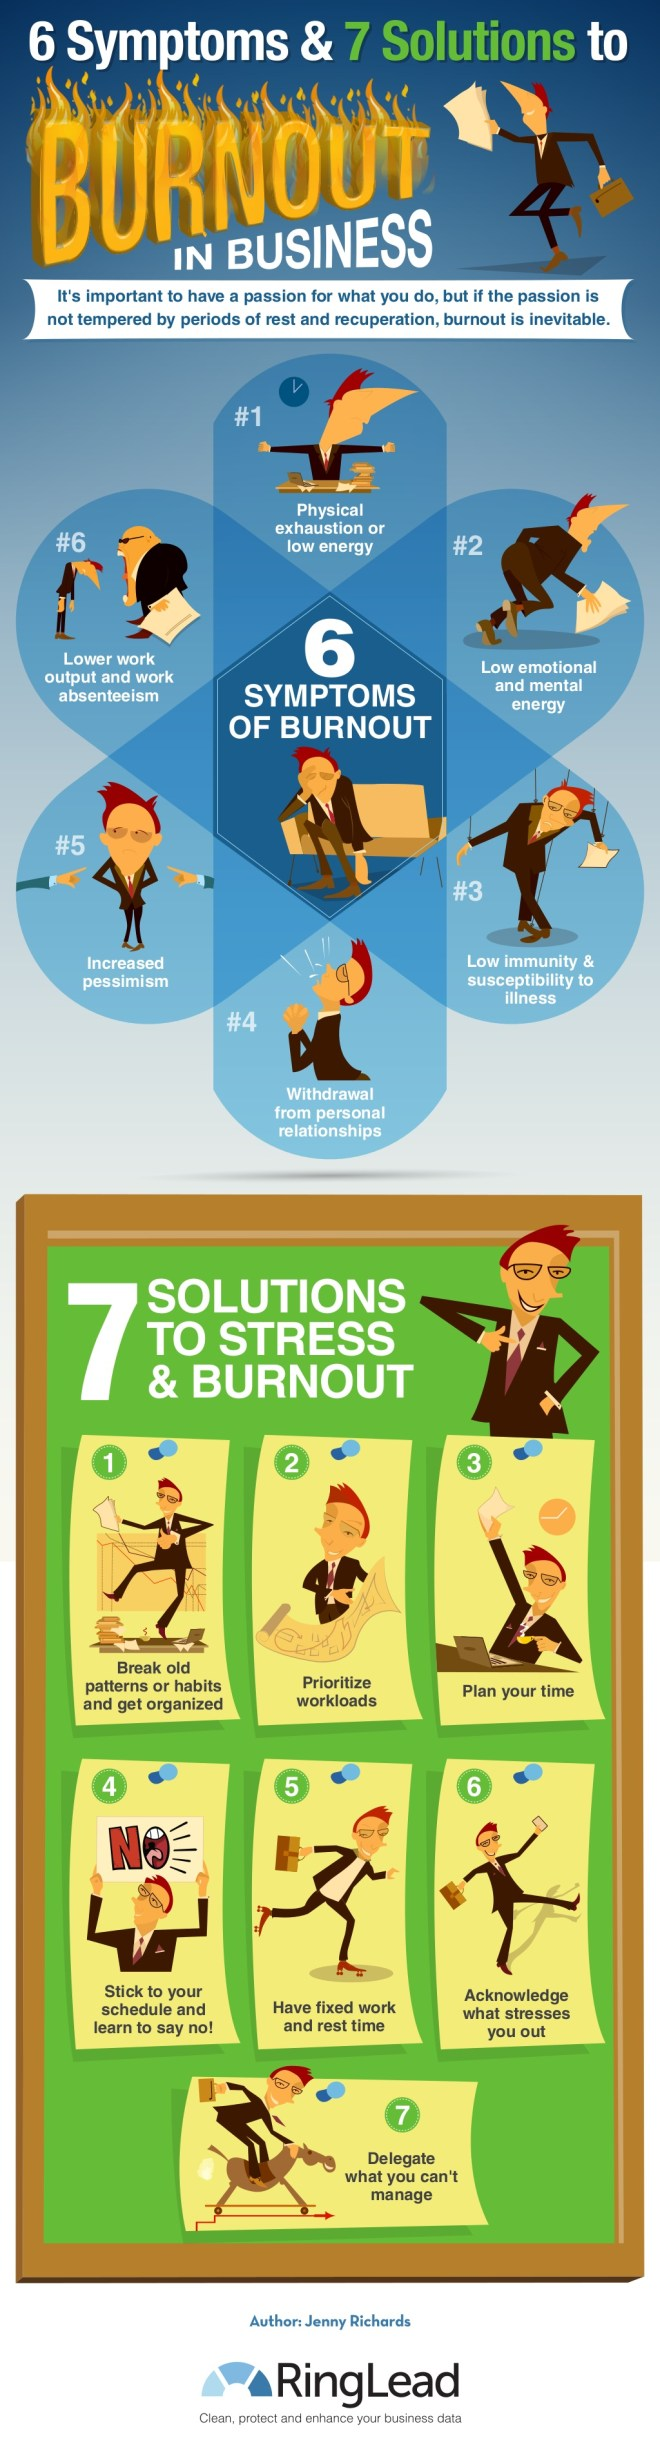 6 síntomas y 7 soluciones al Síndrome de Burnout